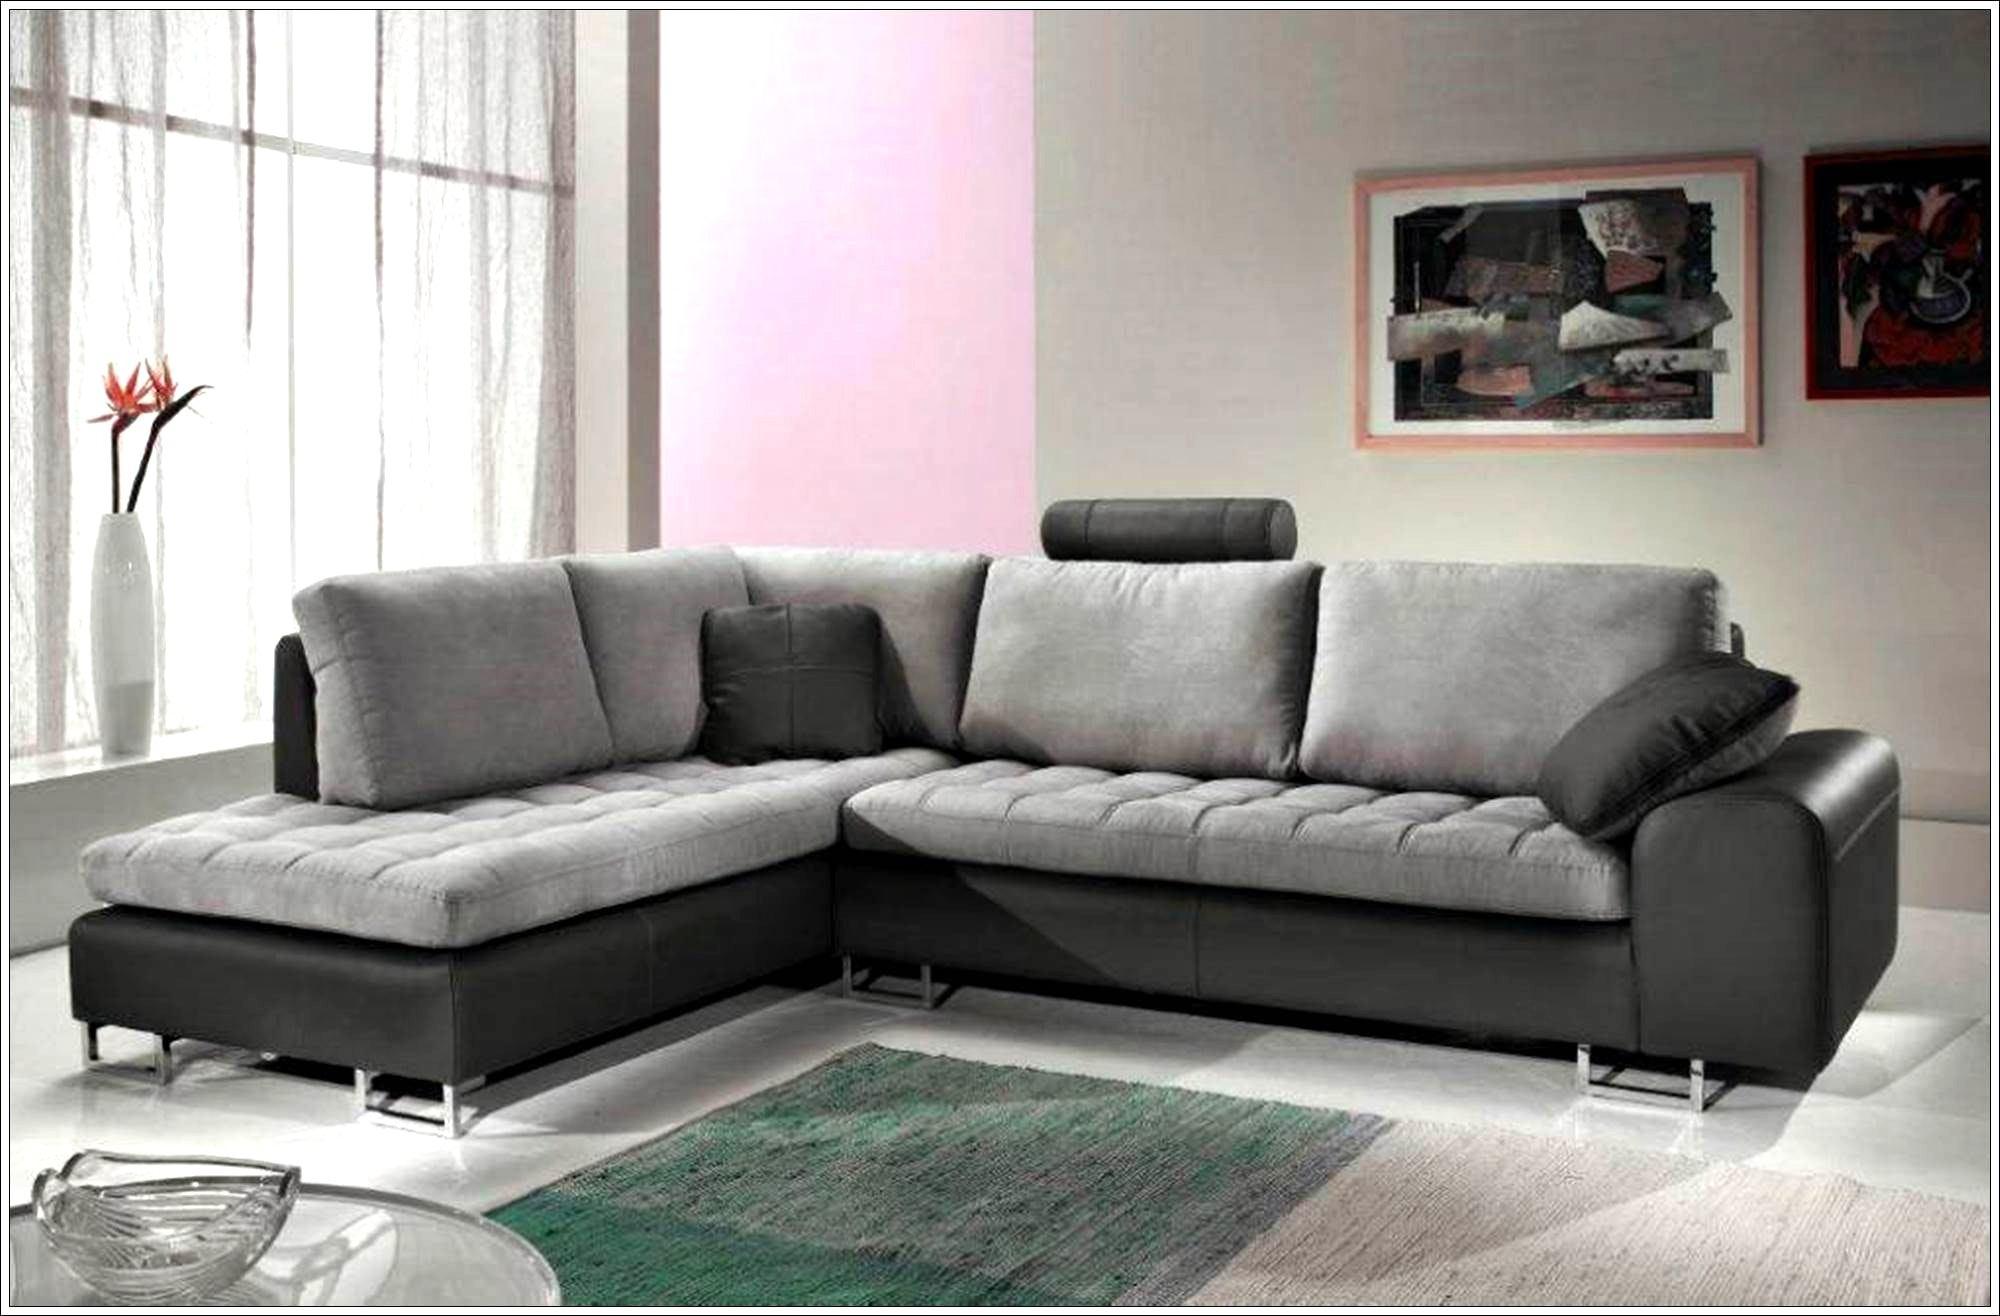 Housse Canapé 2 Places Ikea Nouveau Images Incroyable Canapé Gris Design Décor  La Maison Et Intérieur